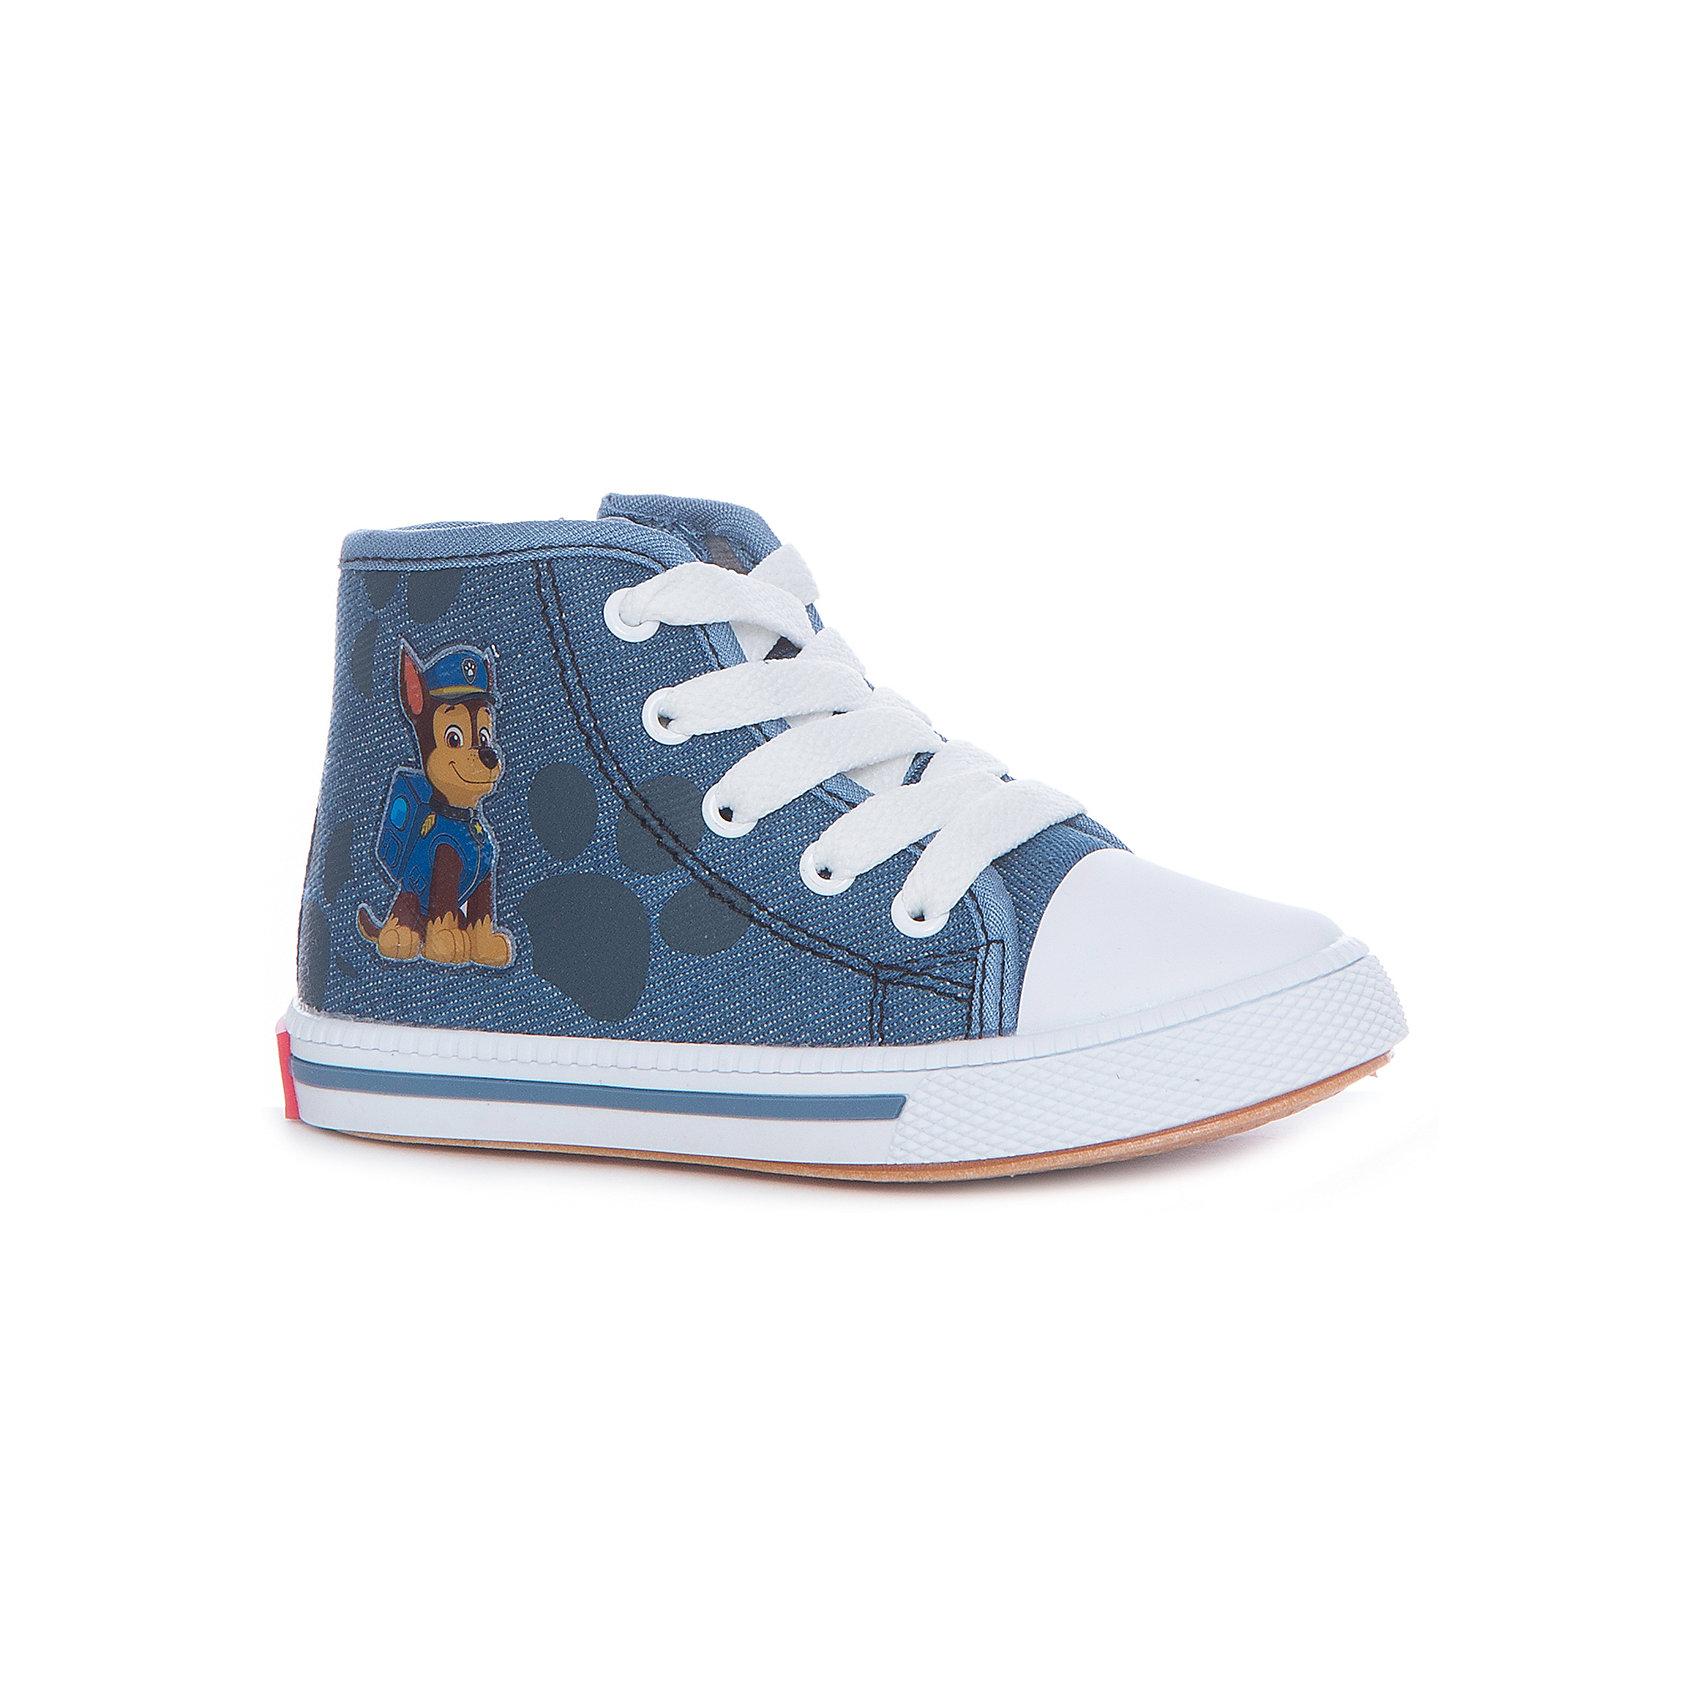 Кеды для мальчика KAKADUХарактеристики:<br><br>• цвет: синий<br>• внешний метариал обуви: текстиль<br>• внутренний материал обуви: 100% хлопок<br>• стелька: 100% хлопок<br>• подошва: ПВХ<br>• высота подошвы: 1 см<br>• анатомическая стелька<br>• съёмная стелька<br>• застежка: молния сбоку, шнурки<br>• защищённый мыс<br>• сезон: лето<br>• тип обуви: высокие кеды<br>• тип подошвы: рифлёная<br>• способ крепления подошвы: литая<br>• изображение геров мультфильма Щенячий патруль<br>• уход: удаление загрязнений мягкой щеткой<br>• страна бренда: Россия<br>• страна производства: Китай<br><br>Полуботинки для мальчика KAKADU от Сrossway – это обувь, которая характеризуется высокими качественными и потребительскими характеристиками: прочная, удобная и при этом модная, и яркая! Полуботинки предназначены для летних прогулок. Они выполнены с учетом анатомических особенностей детской стопы: у конструкции стельки предусмотрен профилированный свод стопы, который способствует не только правильной фиксации ноги, но и является эффективным средством профилактики плоскостопия. <br><br>Верх изделия – из текстиля, который обладает высокой воздухопроницаемостью и гигроскопичностью, внутренняя часть и съемная стелька изготовлены из хлопка. Подошва выполнена из поливинилхлорида, который особенно устойчив к истиранию. <br><br>Сбоку предусмотрена застежка-молния, спереди – шнуровка, которая выполняет не только декоративные функции, но и обеспечивает хорошую фиксацию обуви. Высокие кеды имеют классическую форму и стильный дизайн: выполнены с эффектом джинсовой ткани и декорированы изображением в виде героя из мультфильма Щенячий патруль – Гонщика.<br><br>Полуботинки для мальчика KAKADU можно купить в нашем интернет-магазине.<br><br>Ширина мм: 262<br>Глубина мм: 176<br>Высота мм: 97<br>Вес г: 427<br>Цвет: синий<br>Возраст от месяцев: 72<br>Возраст до месяцев: 84<br>Пол: Мужской<br>Возраст: Детский<br>Размер: 30,25,26,27,28,29<br>SKU: 5386398